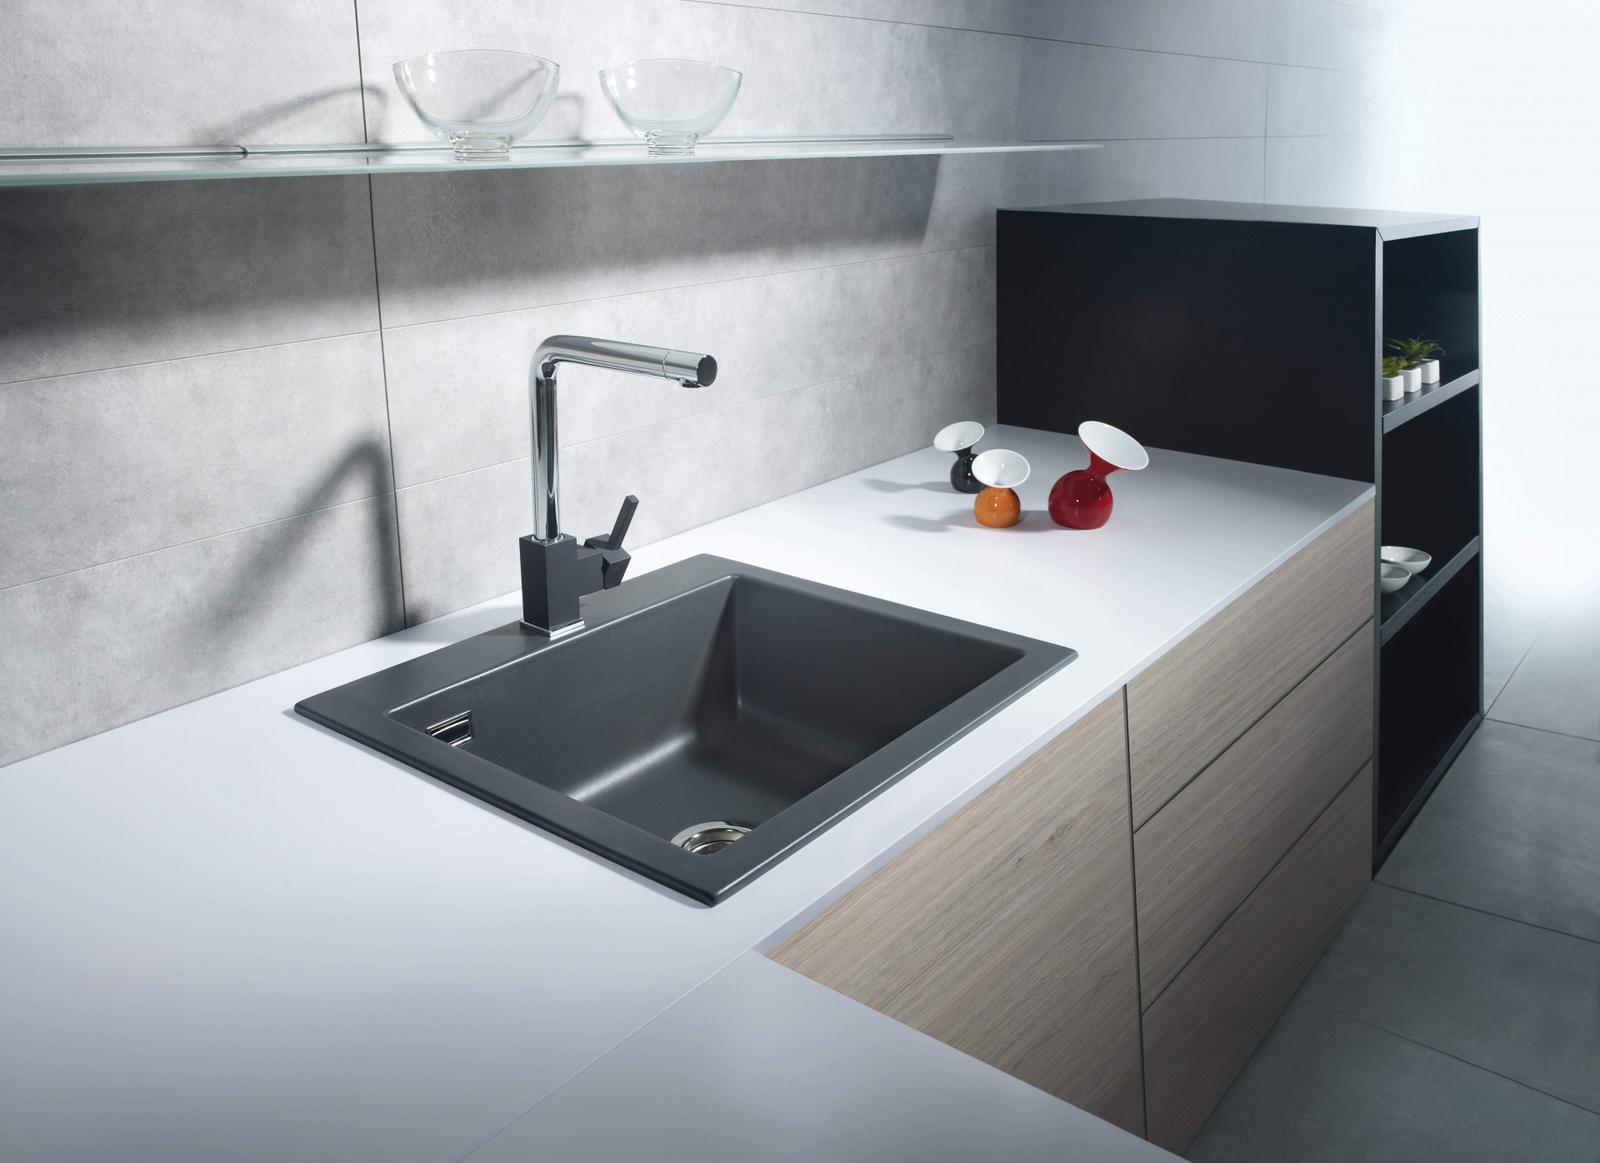 Inspirace kuchyňka - Obrázek č. 97